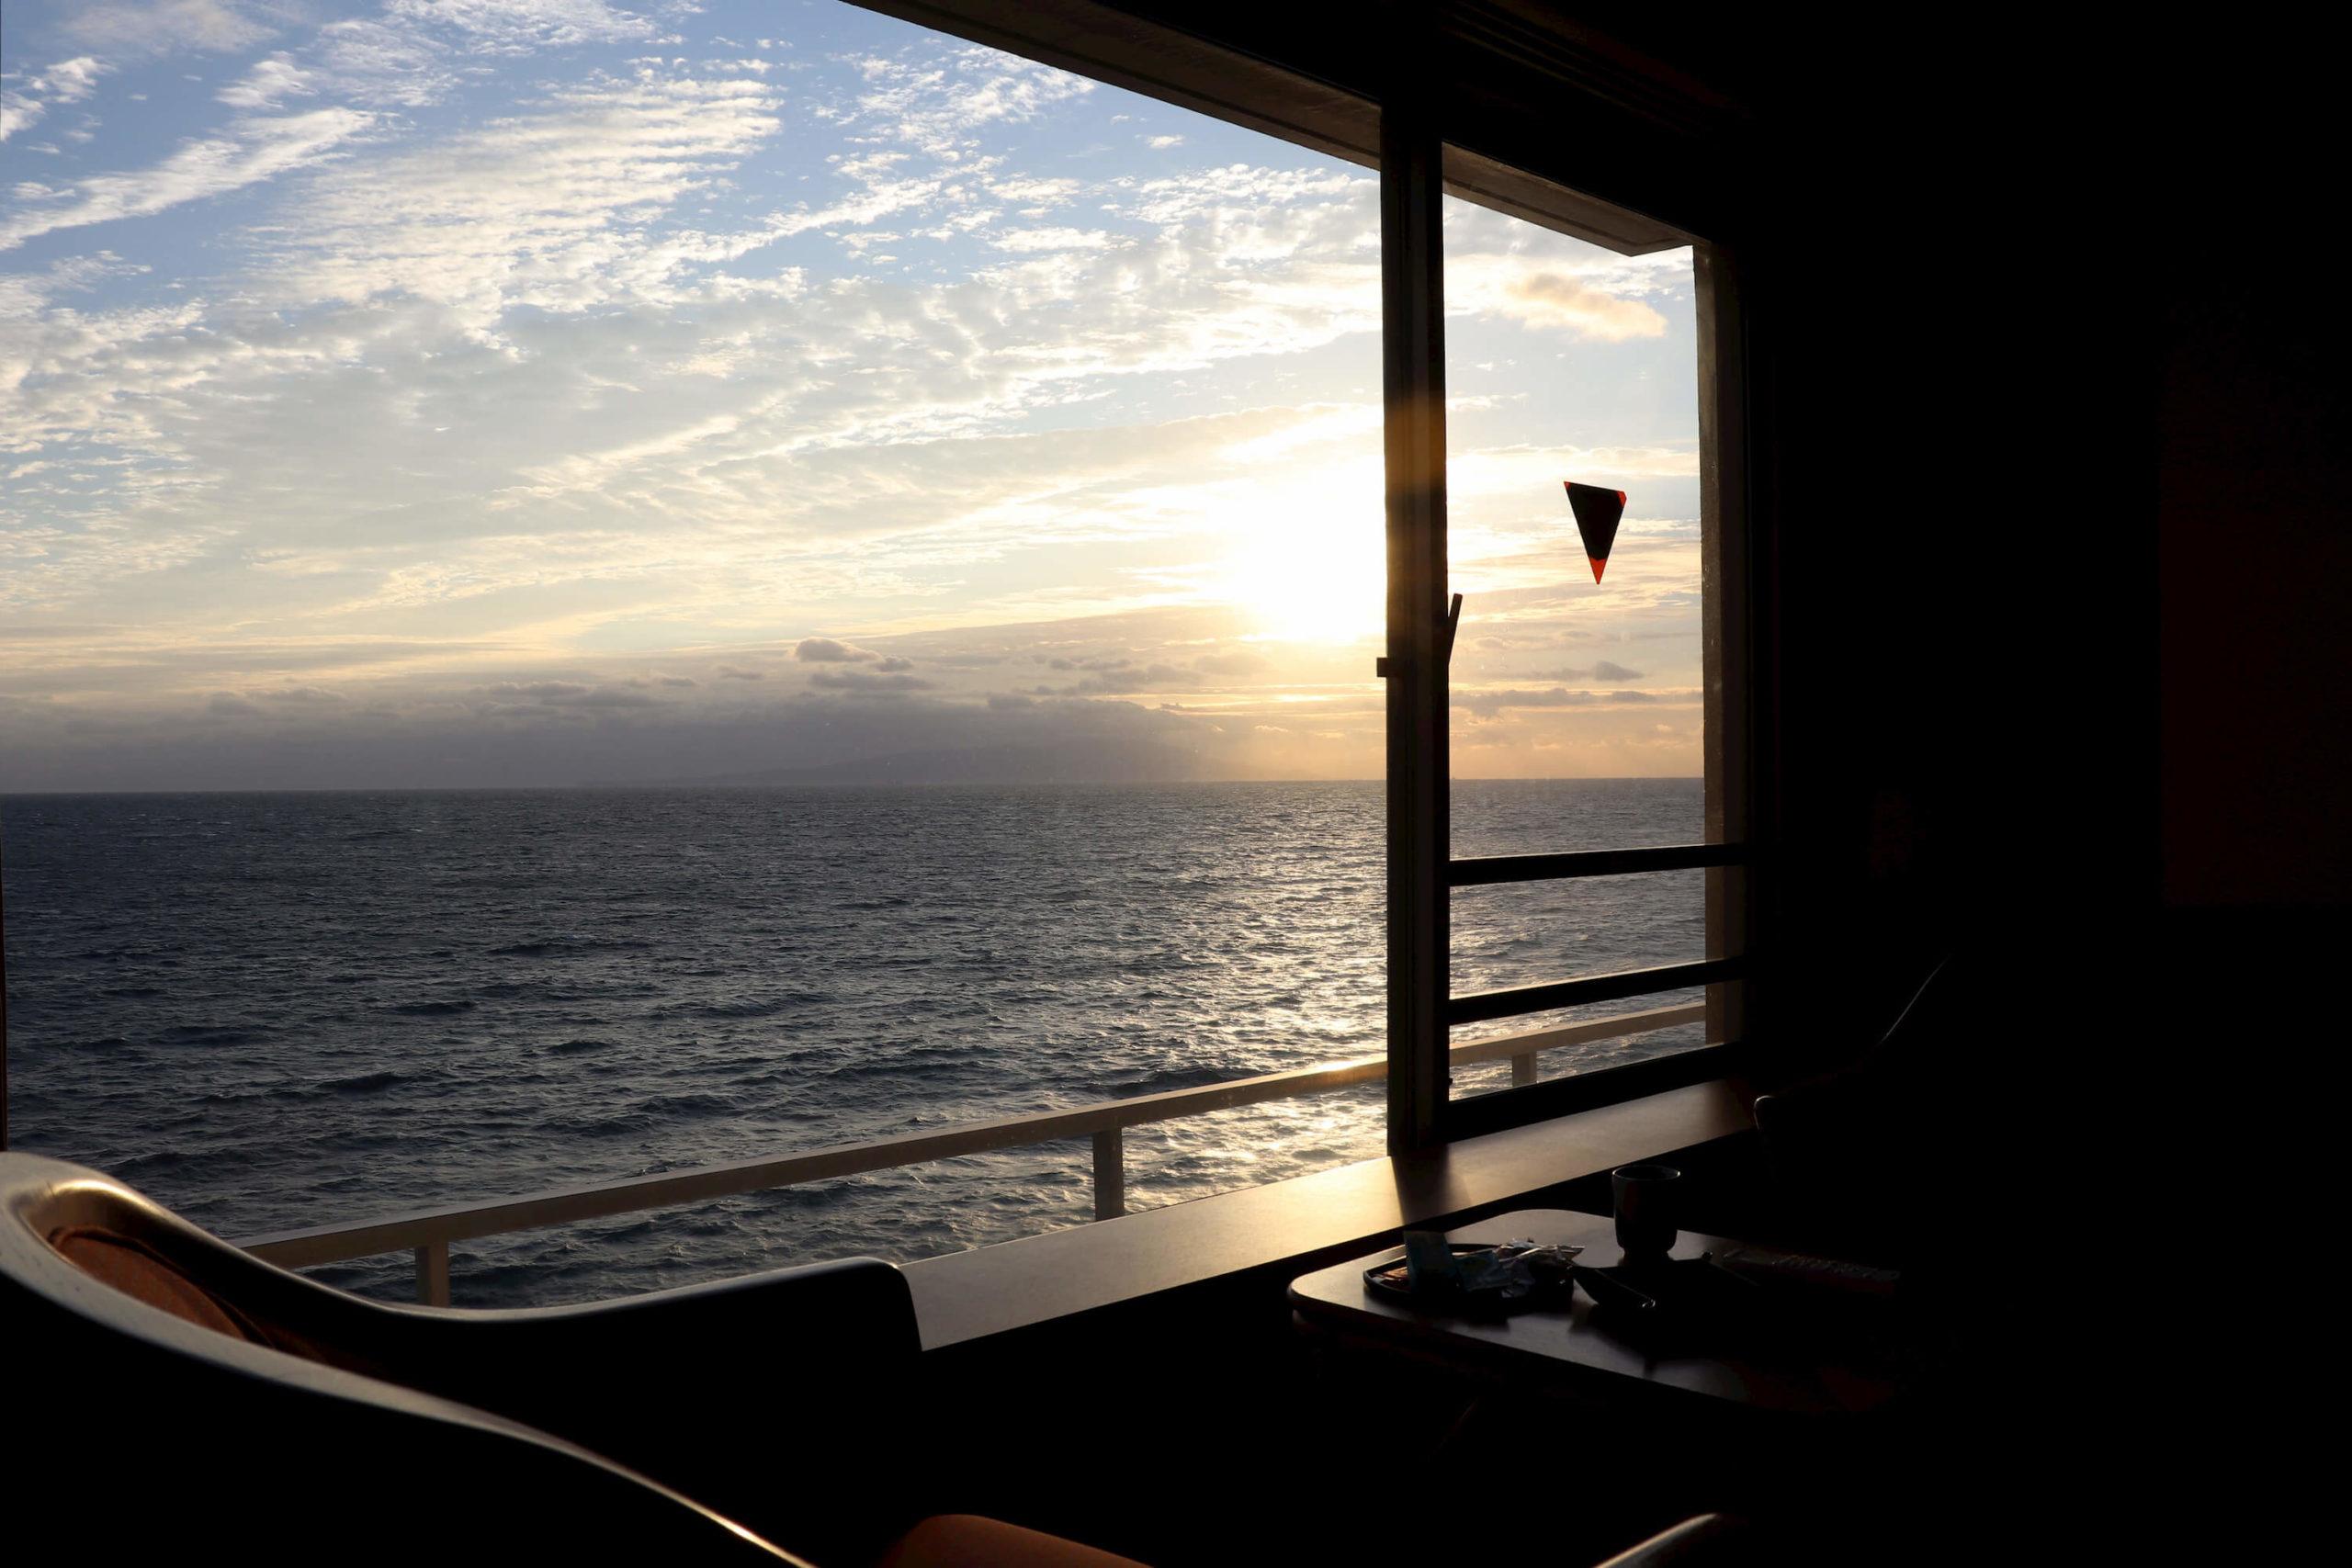 伊豆の露天風呂付き客室があるハイクラス宿の浜の湯の客室から見える朝日と海